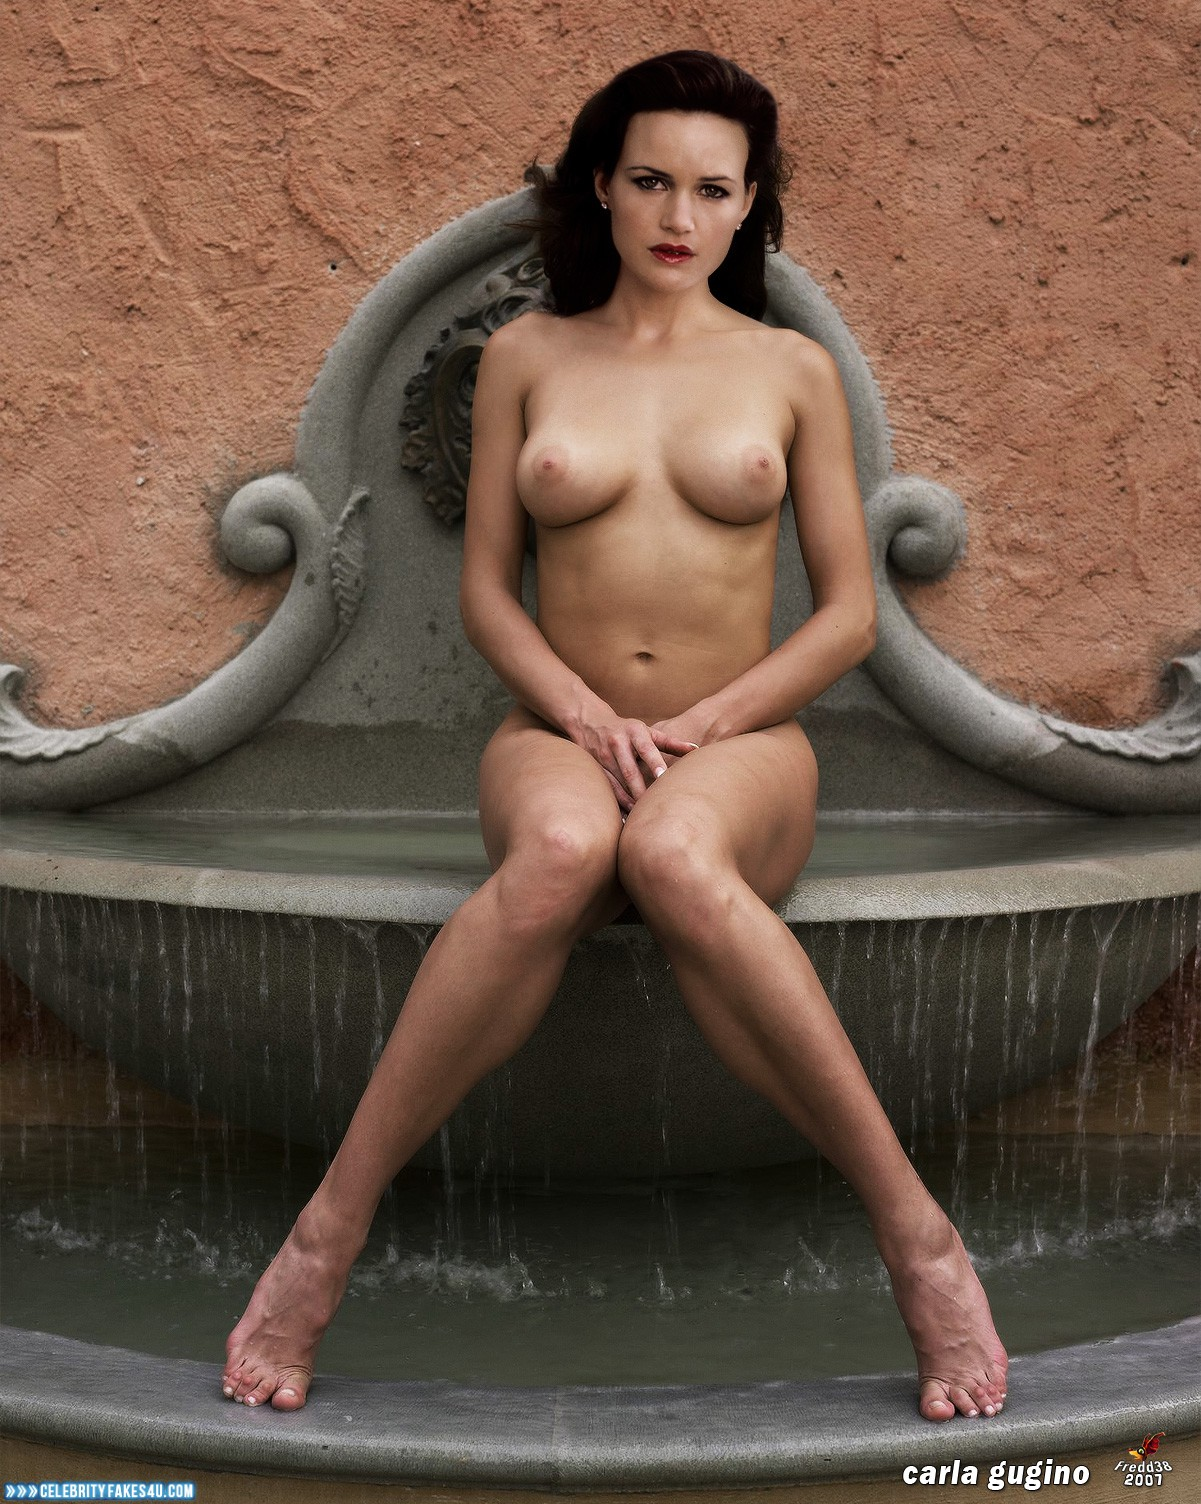 Carla gugino nude pic